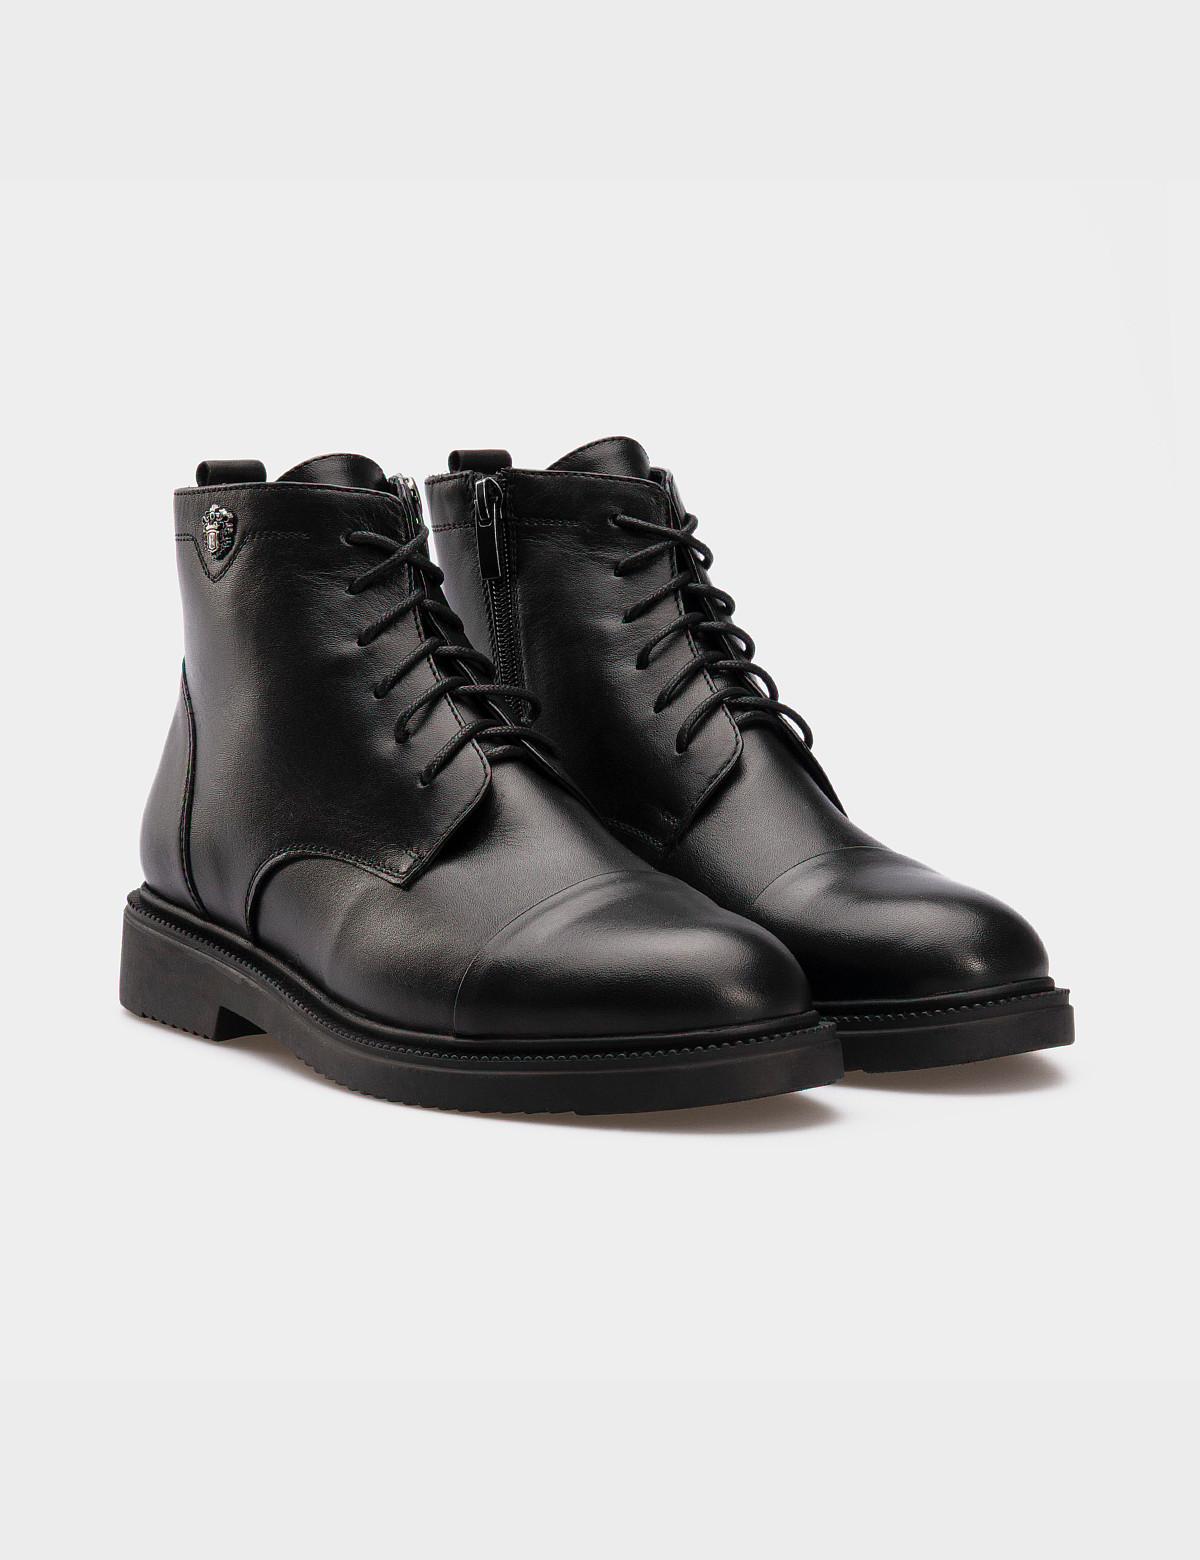 Ботинки черные, натуральная кожа. Шерсть 1